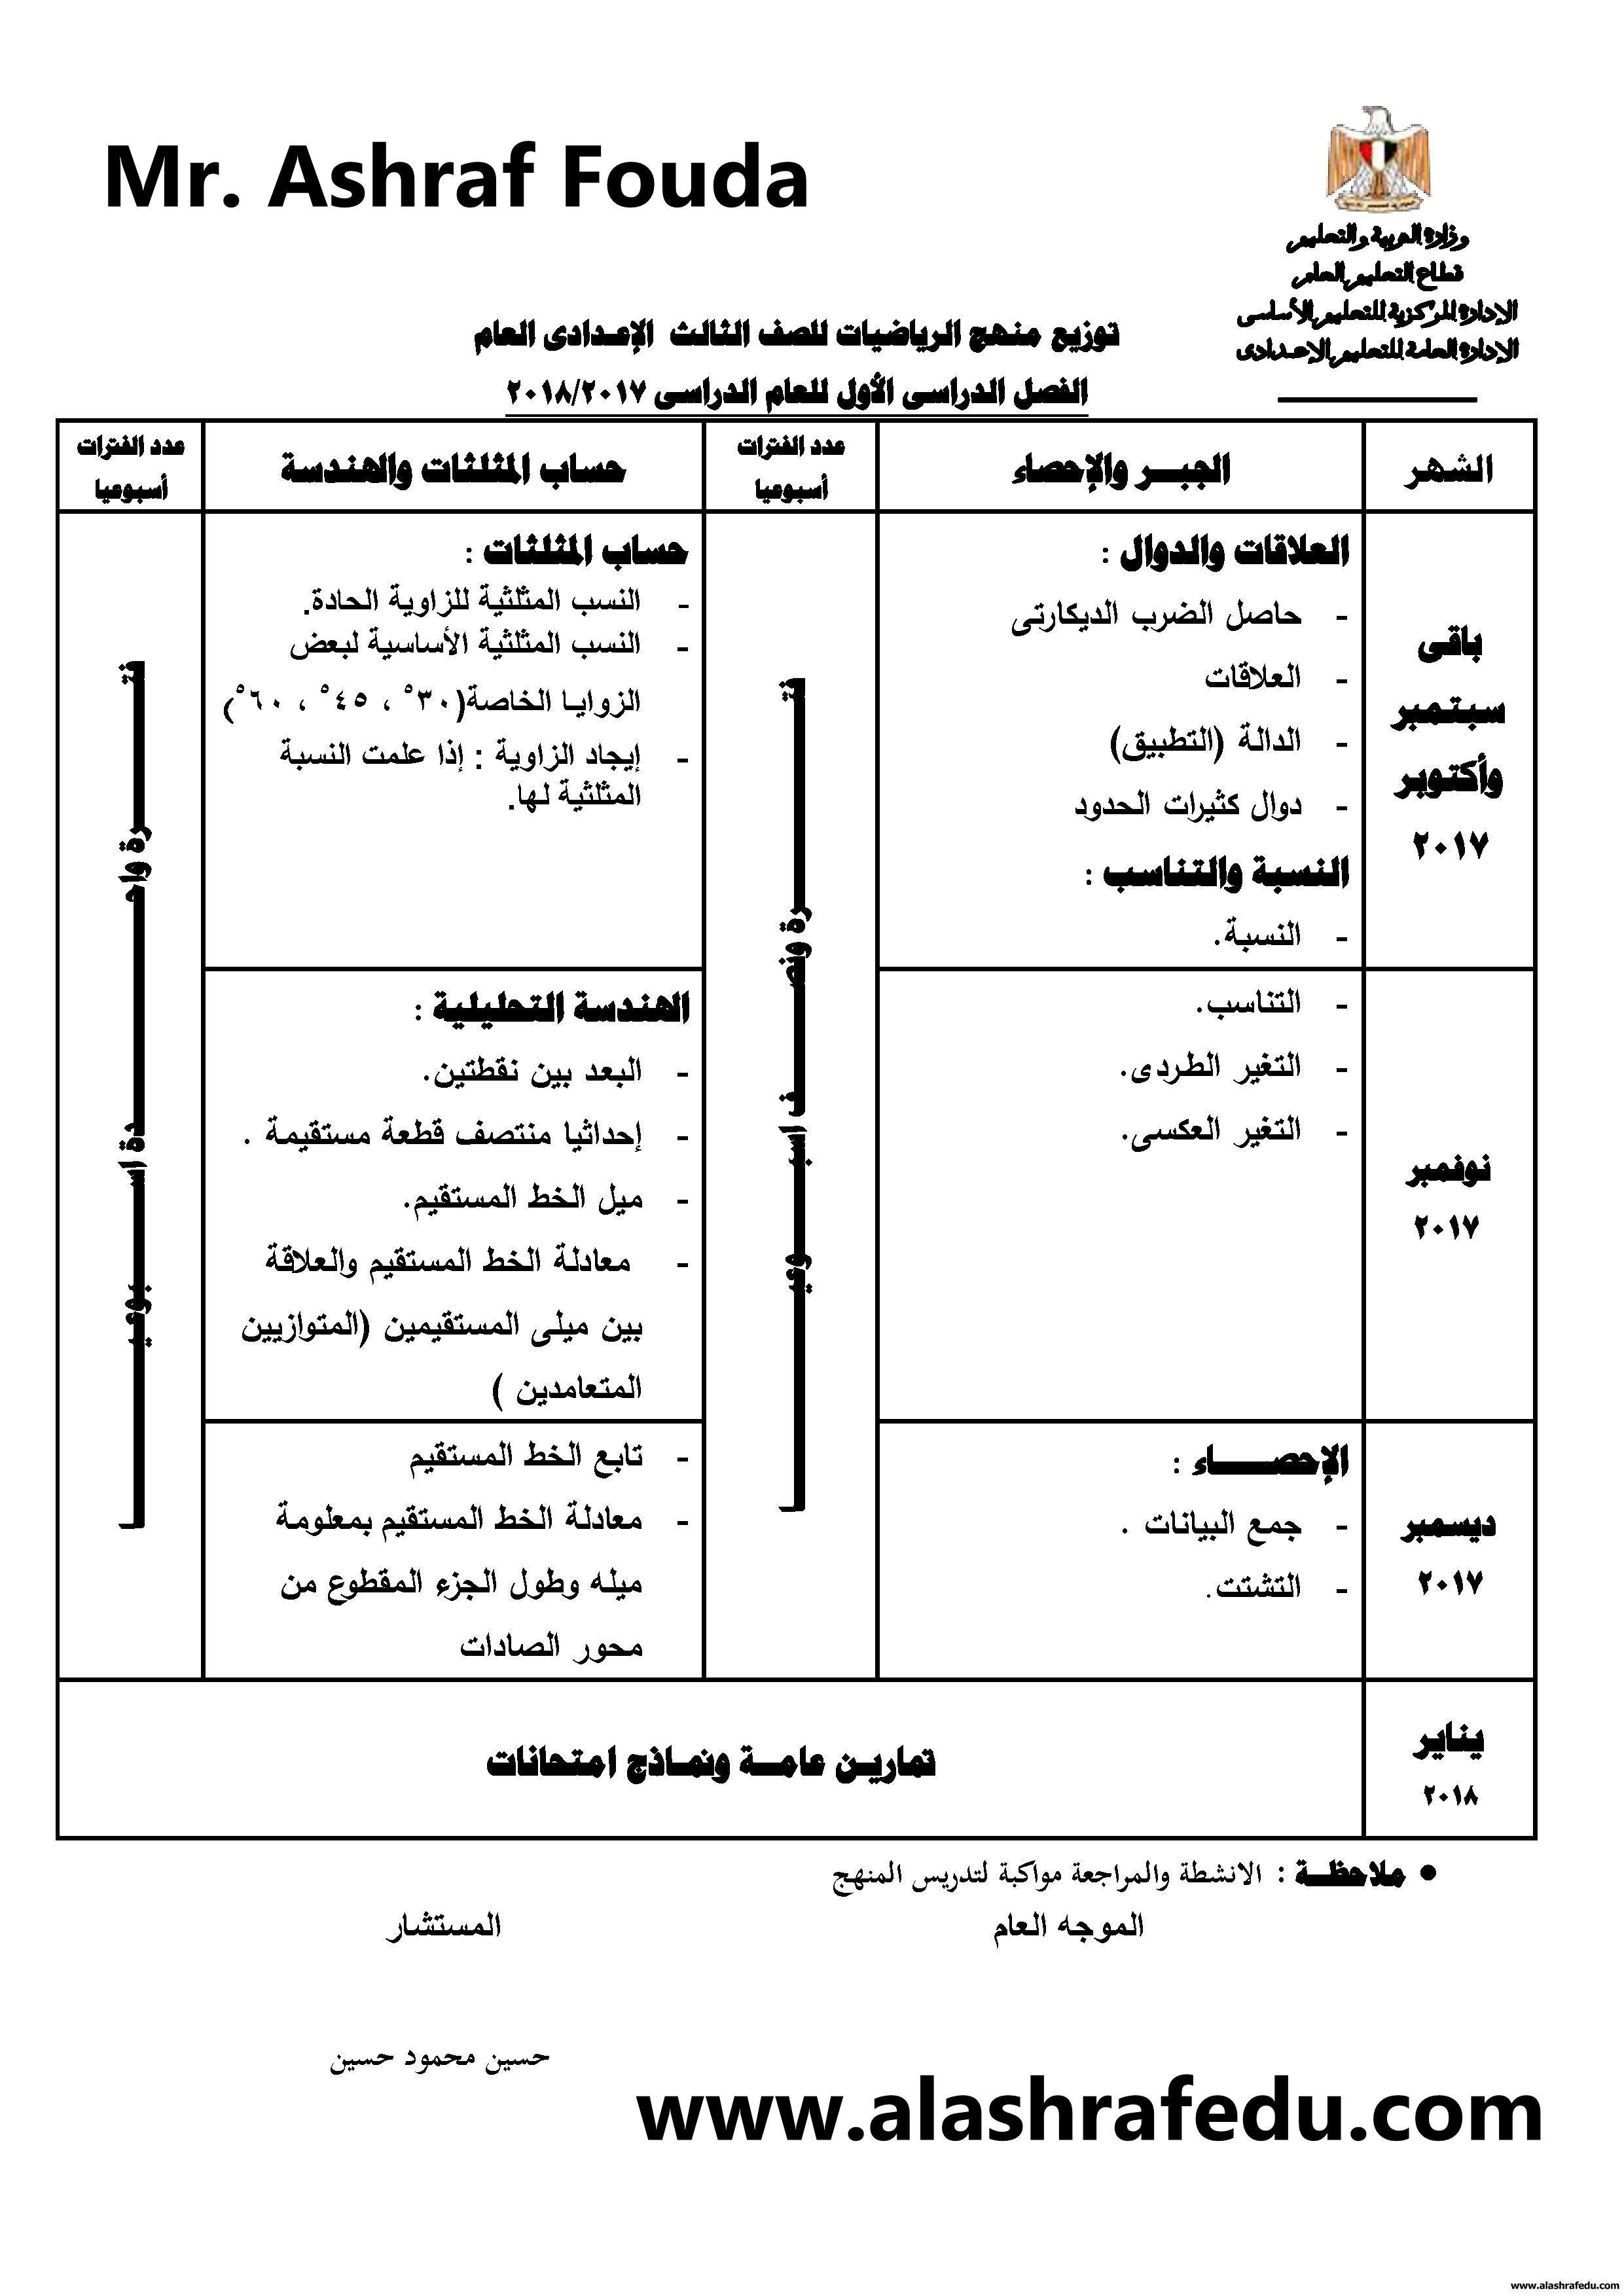 توزيع منهج الرياضيات 2018 الثالث www.alashrafedu.com1